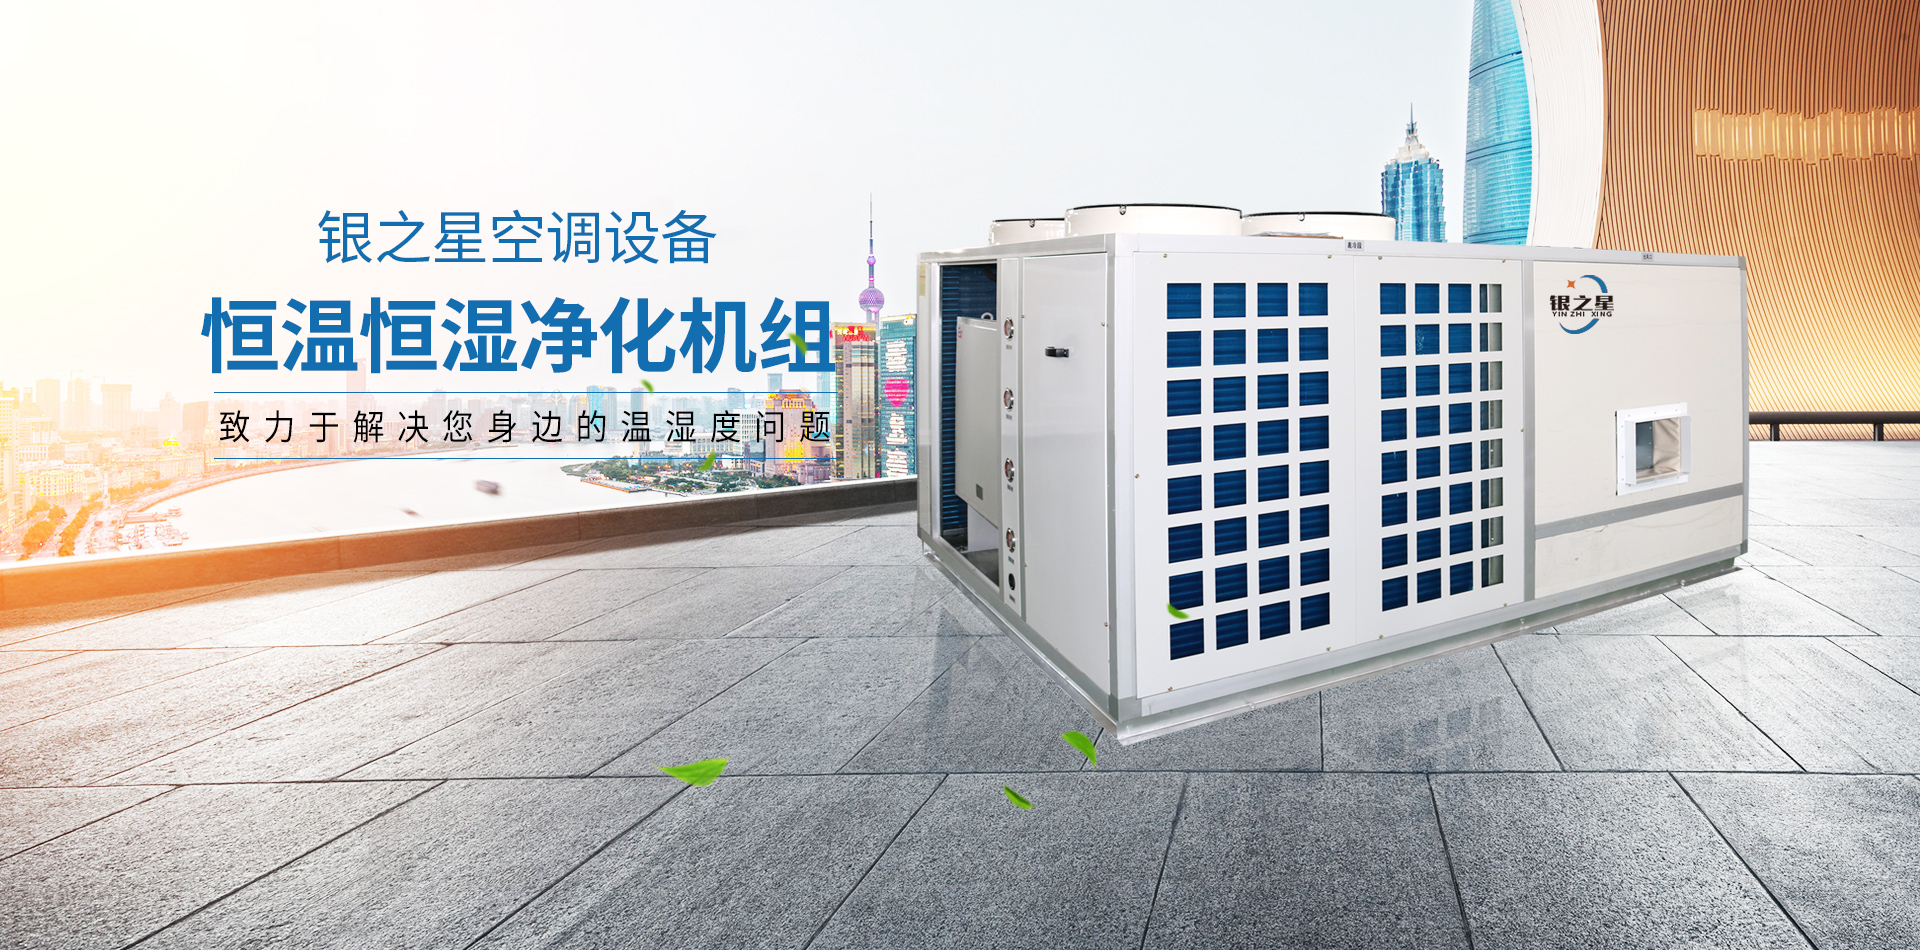 江苏银之星环境科技有限公司